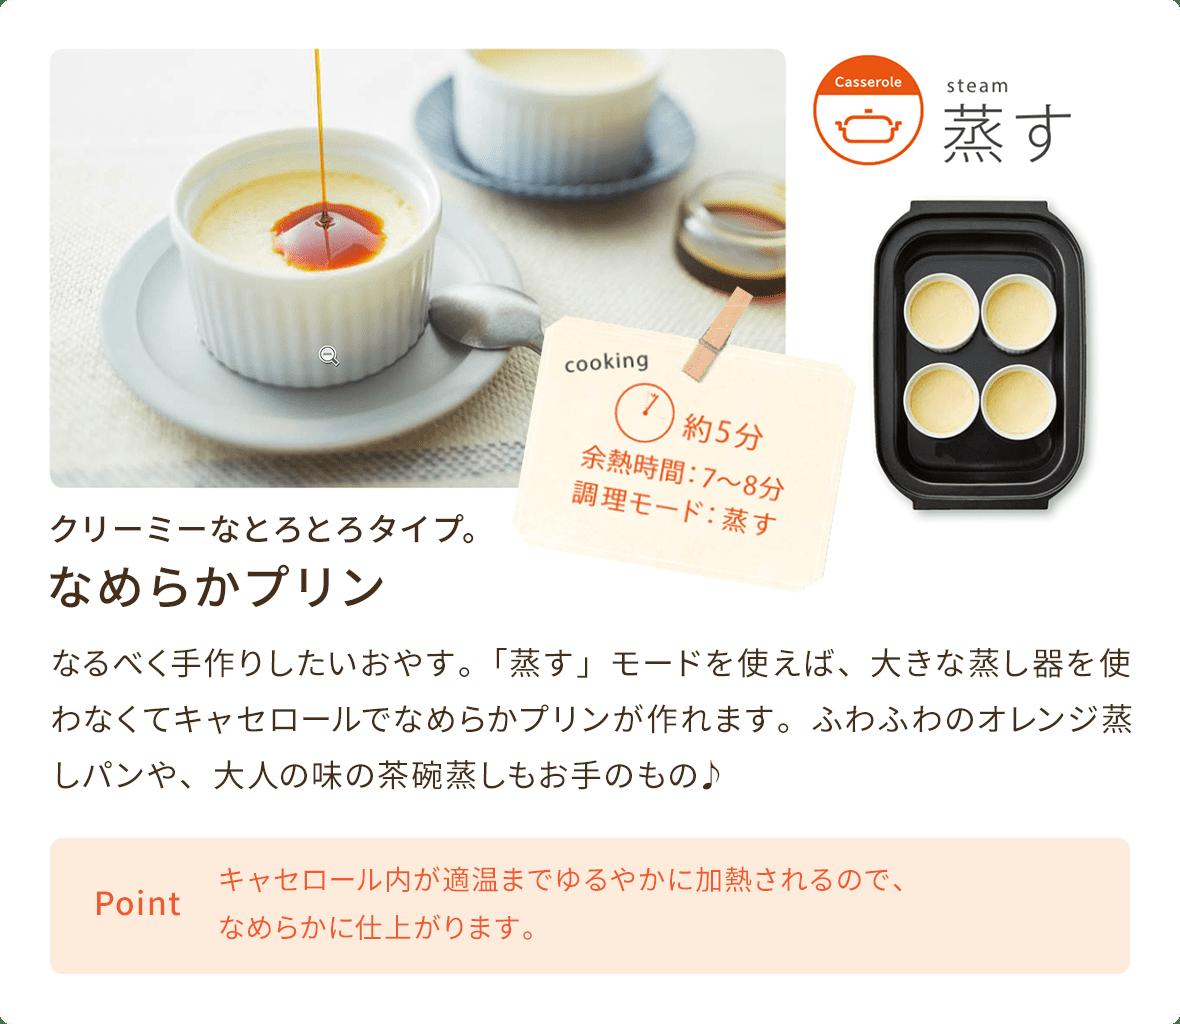 なめらかプリン なるべく手作りしたいおやす。「蒸す」モードを使えば、大きな蒸し器を使わなくてキャセロールでなめらかプリンが作れます。ふわふわのオレンジ蒸しパンや、大人の味の茶碗蒸しもお手のもの♪ キャセロール内が適温までゆるやかに加熱されるので、なめらかに仕上がります。